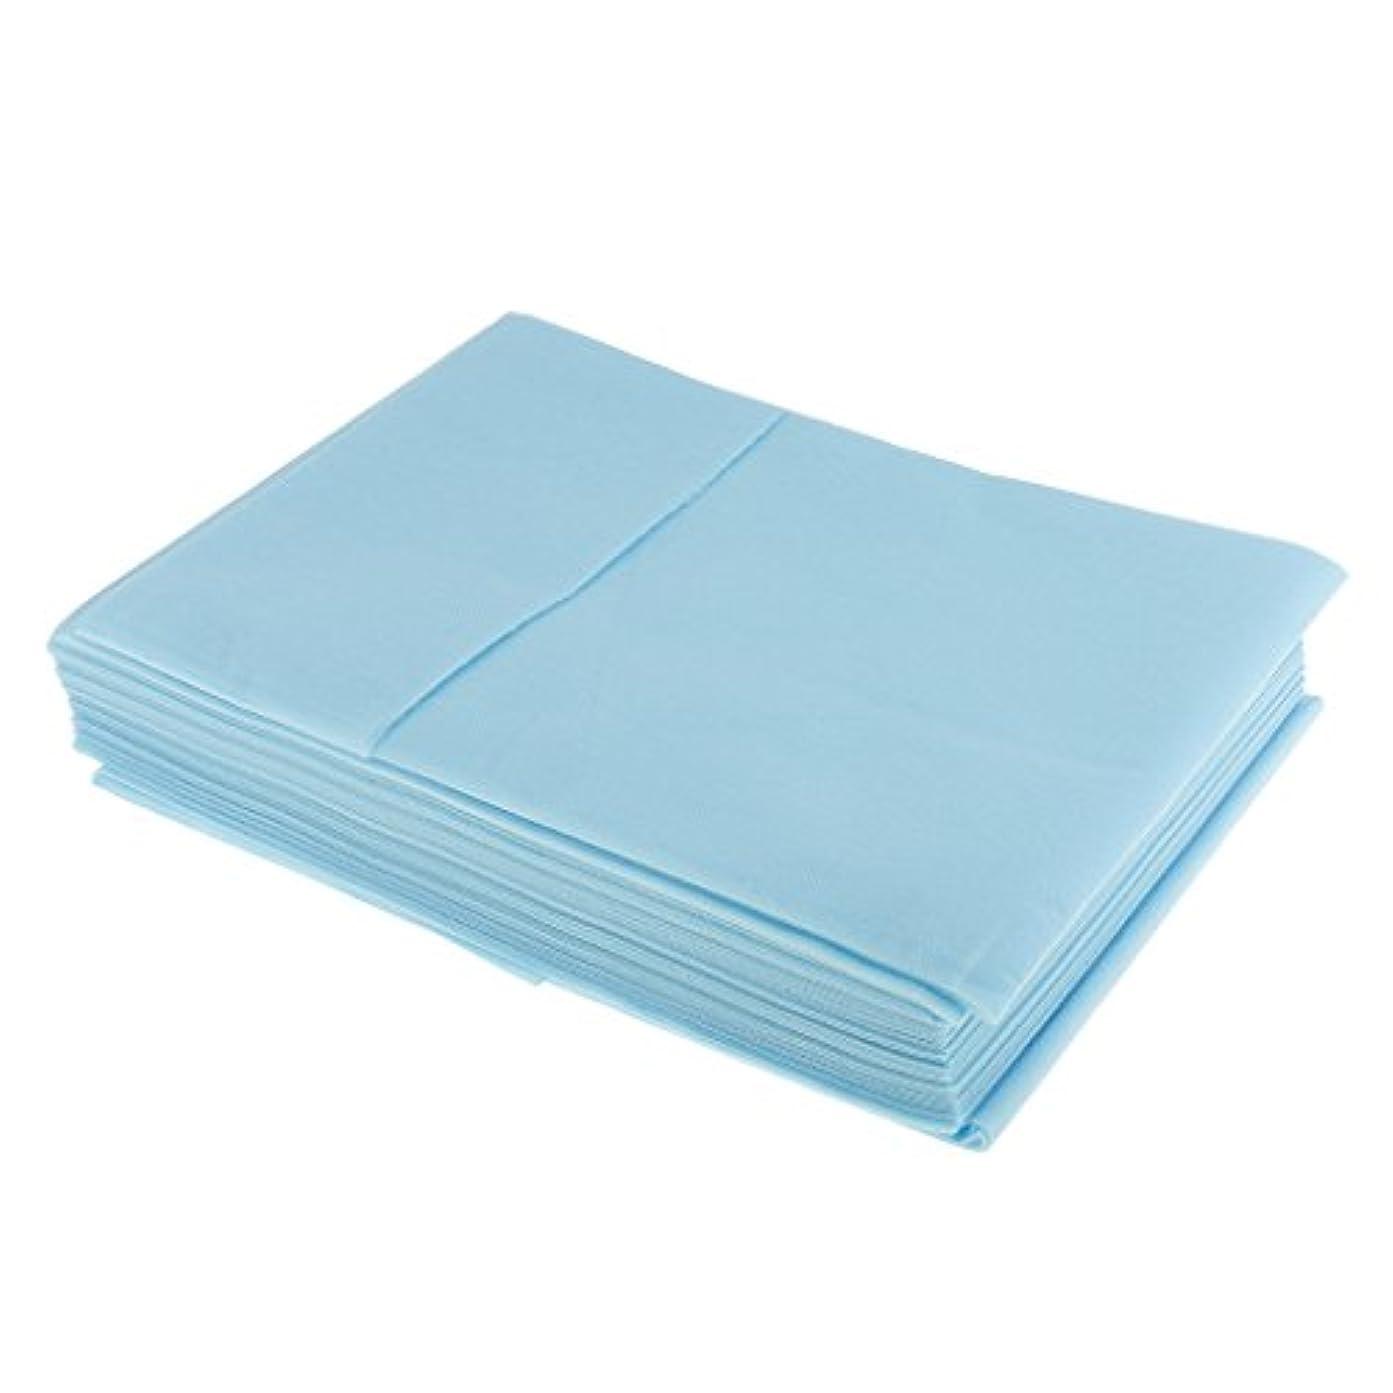 列車救い苦行SONONIA 使い捨て 美容室/マッサージ/サロン/ホテル ベッドパッド 無織PP 衛生シート 10枚 全3色選べ - 青